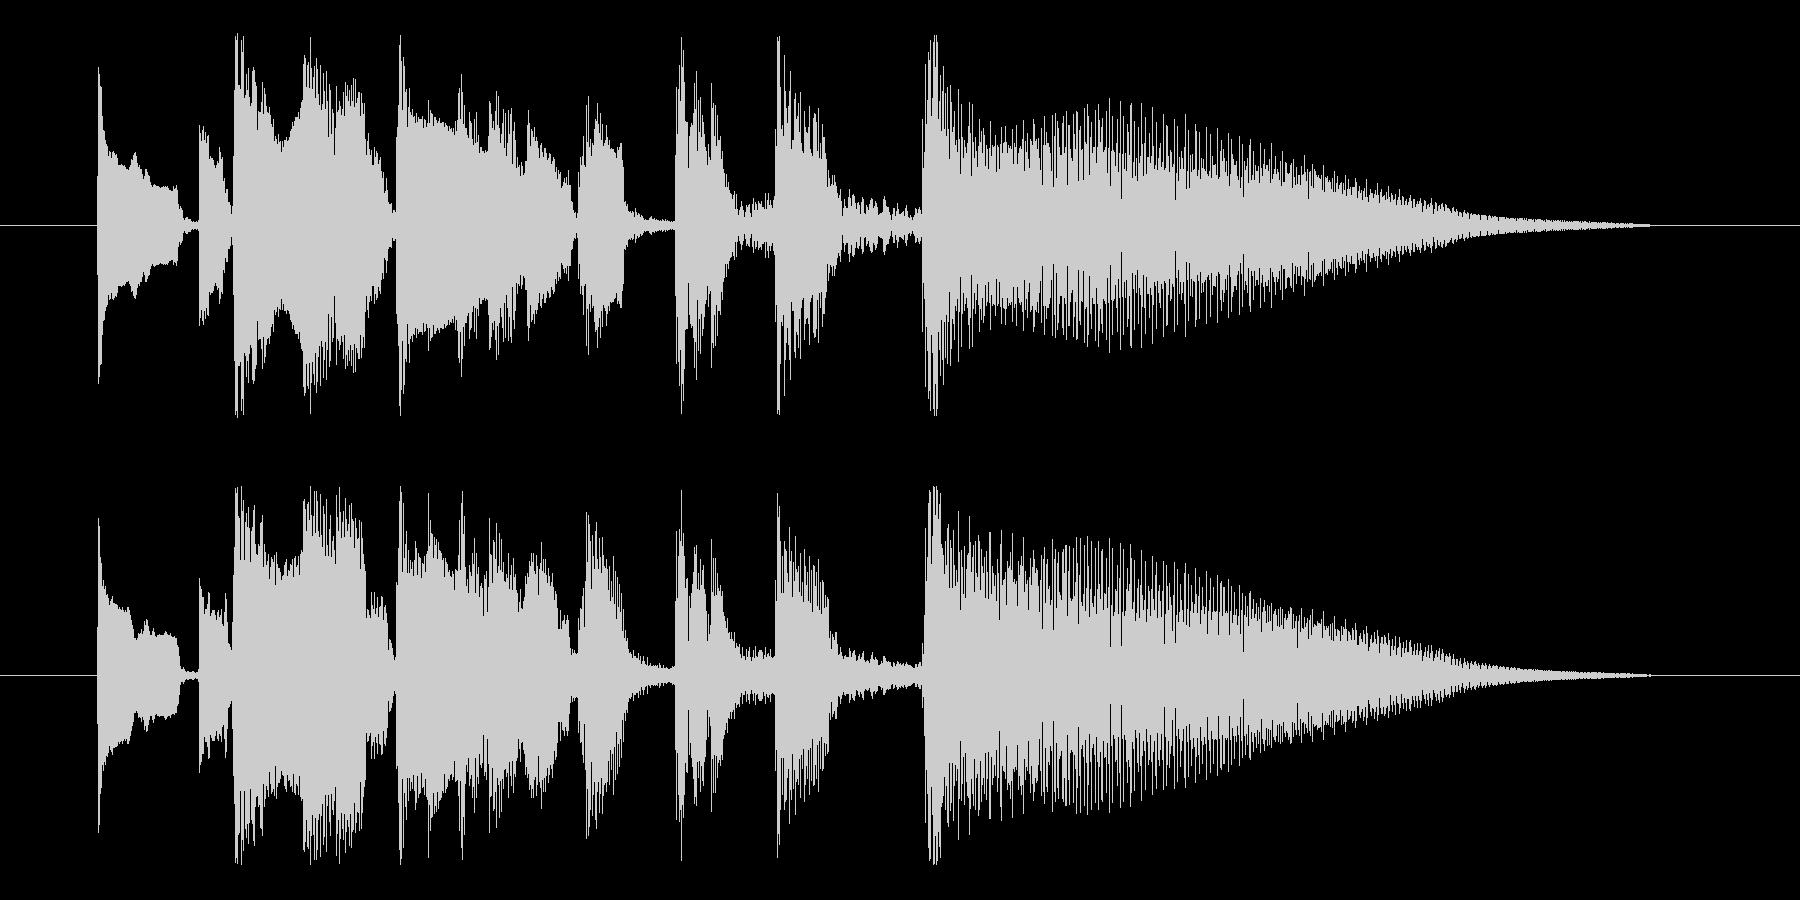 【斜に構える1】の未再生の波形